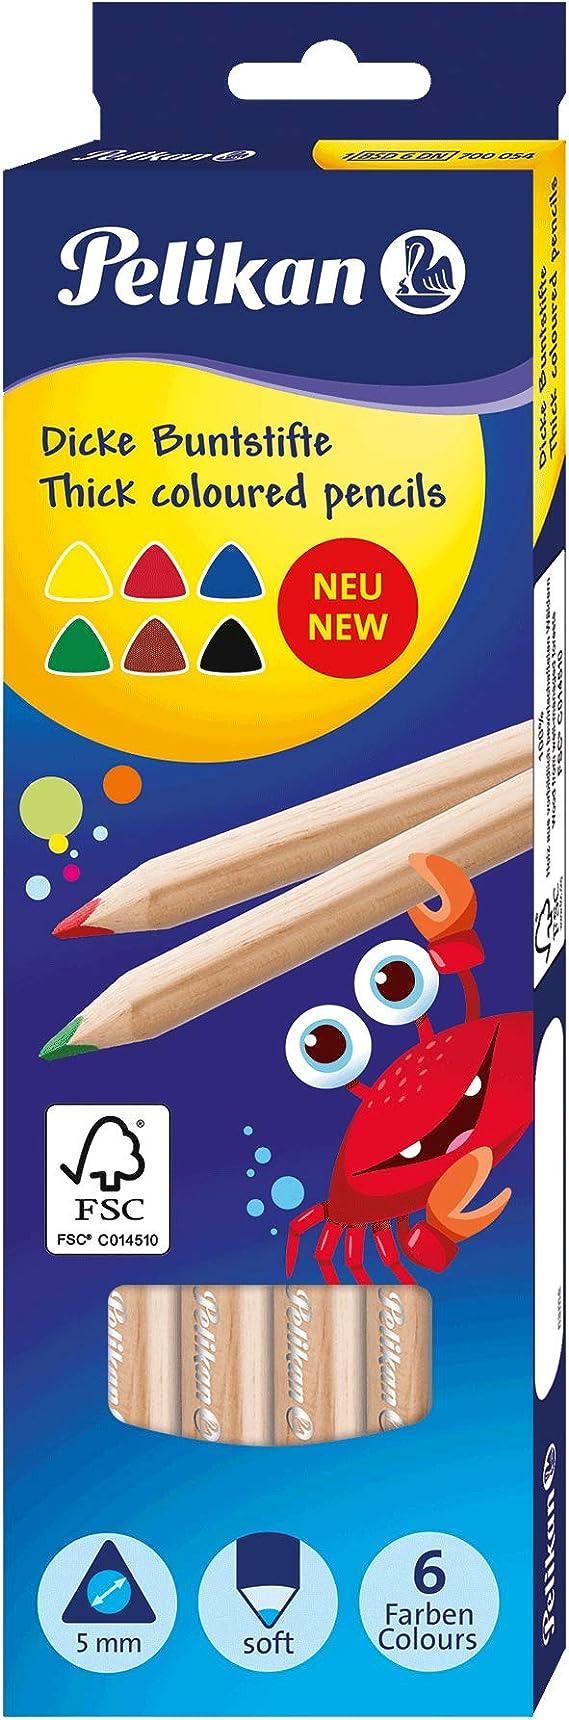 Pelikan Jumbo 700054 - Lápices de colores (6 unidades, estuche de cartón): Amazon.es: Oficina y papelería